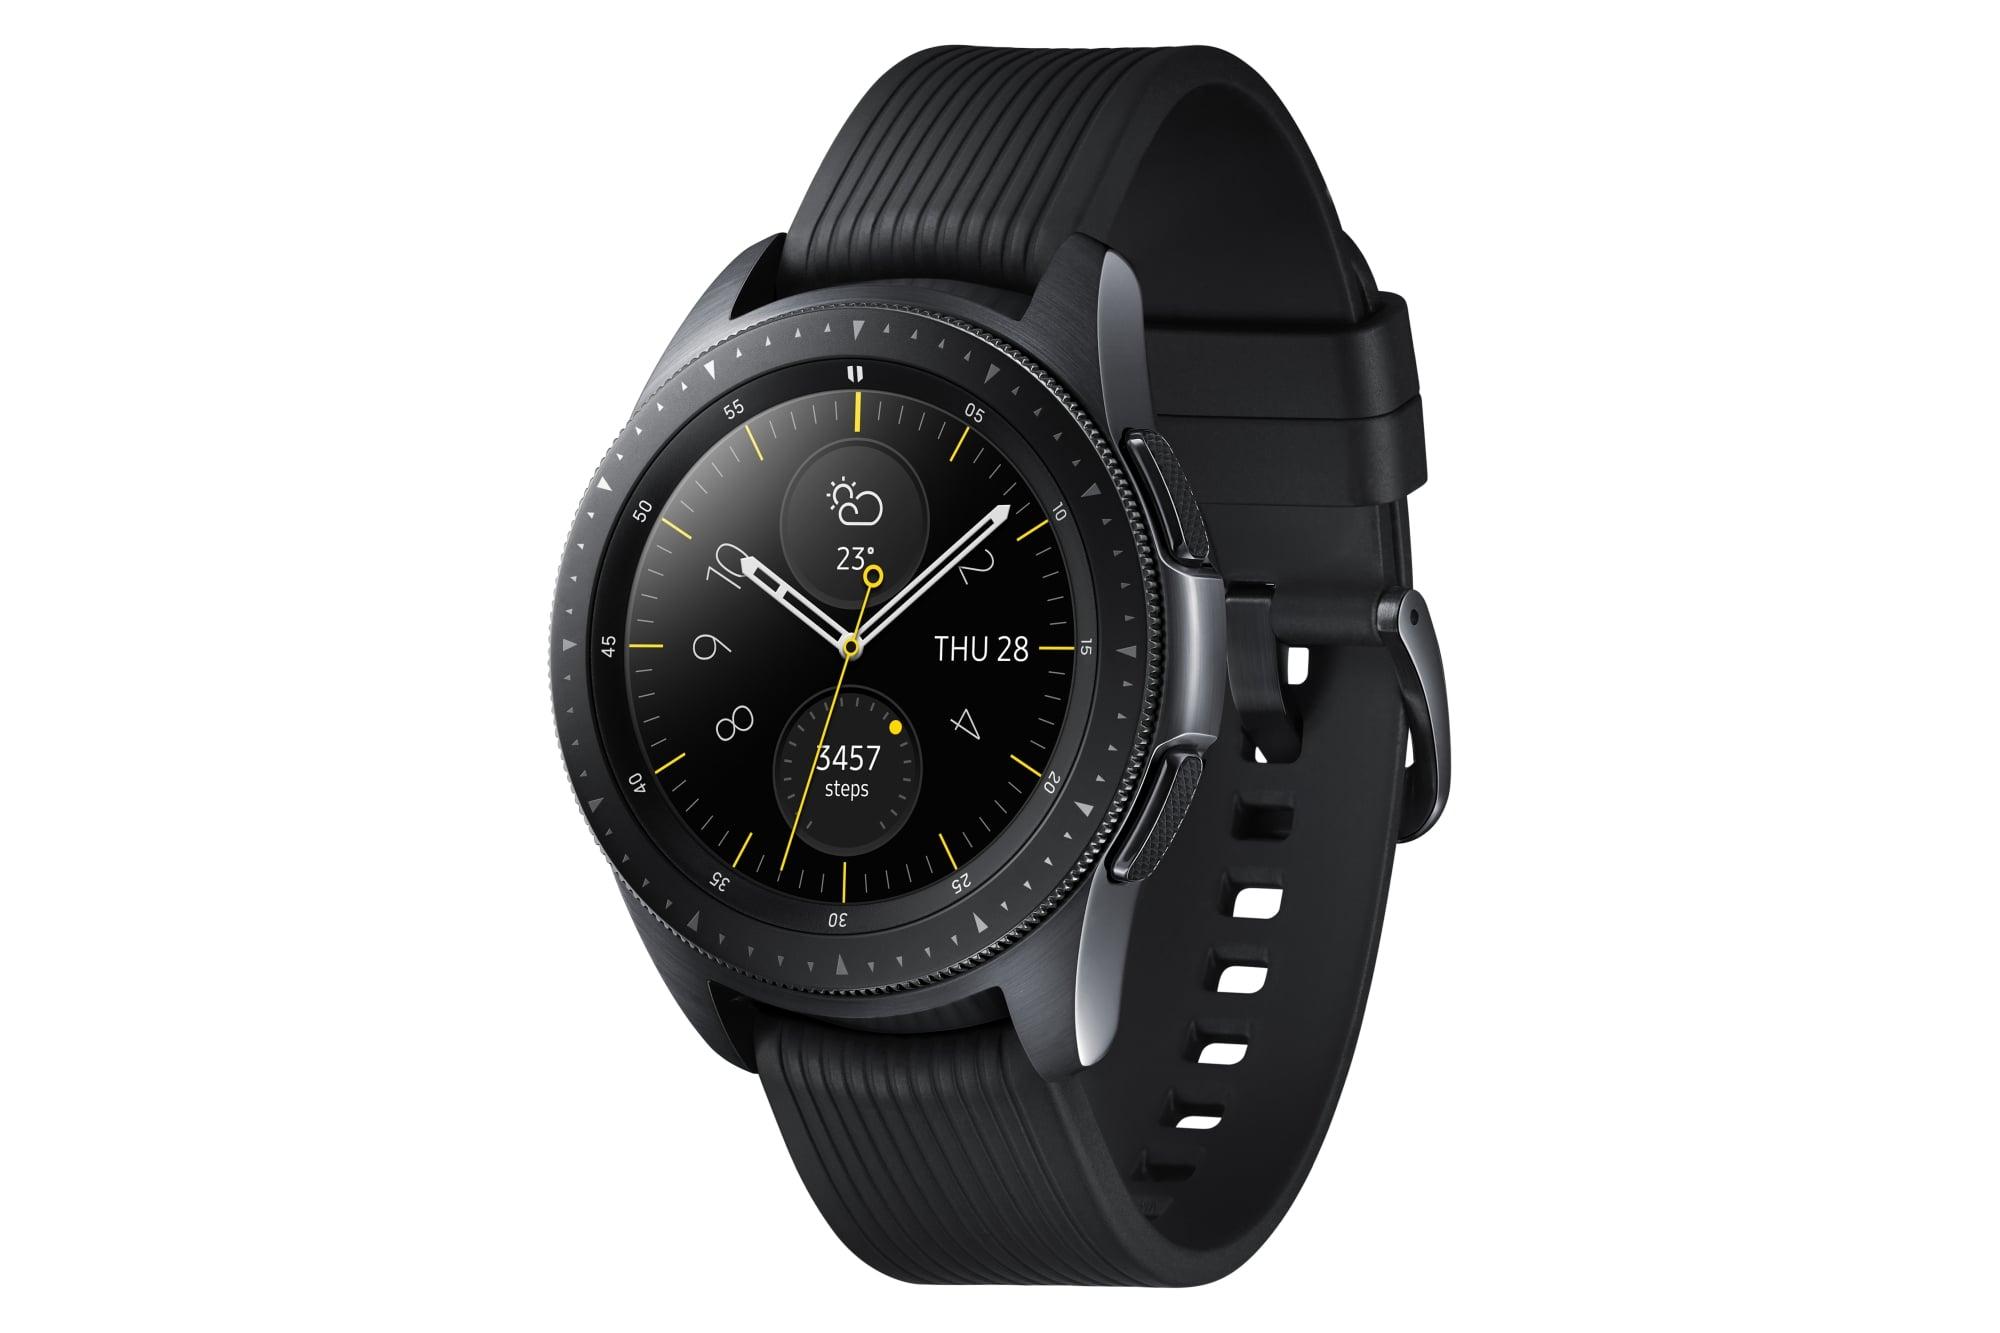 Samsung Galaxy Watch to potrójne monitorowanie: stresu, snu i aktywności fizycznej 27